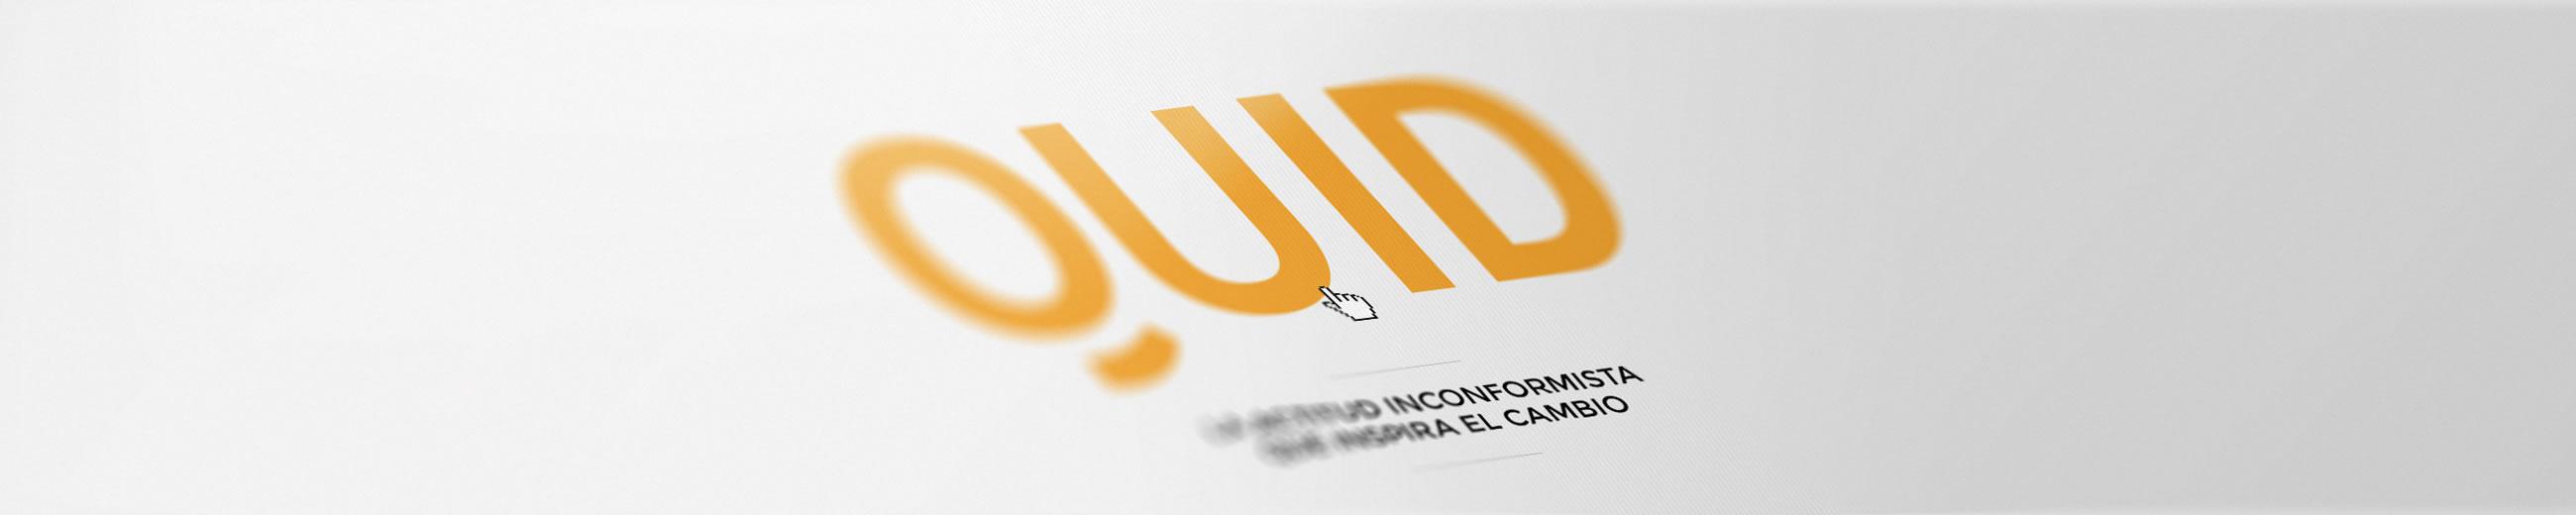 Servicios desarrollo web integrales </br>en Murcia por Drool Studio